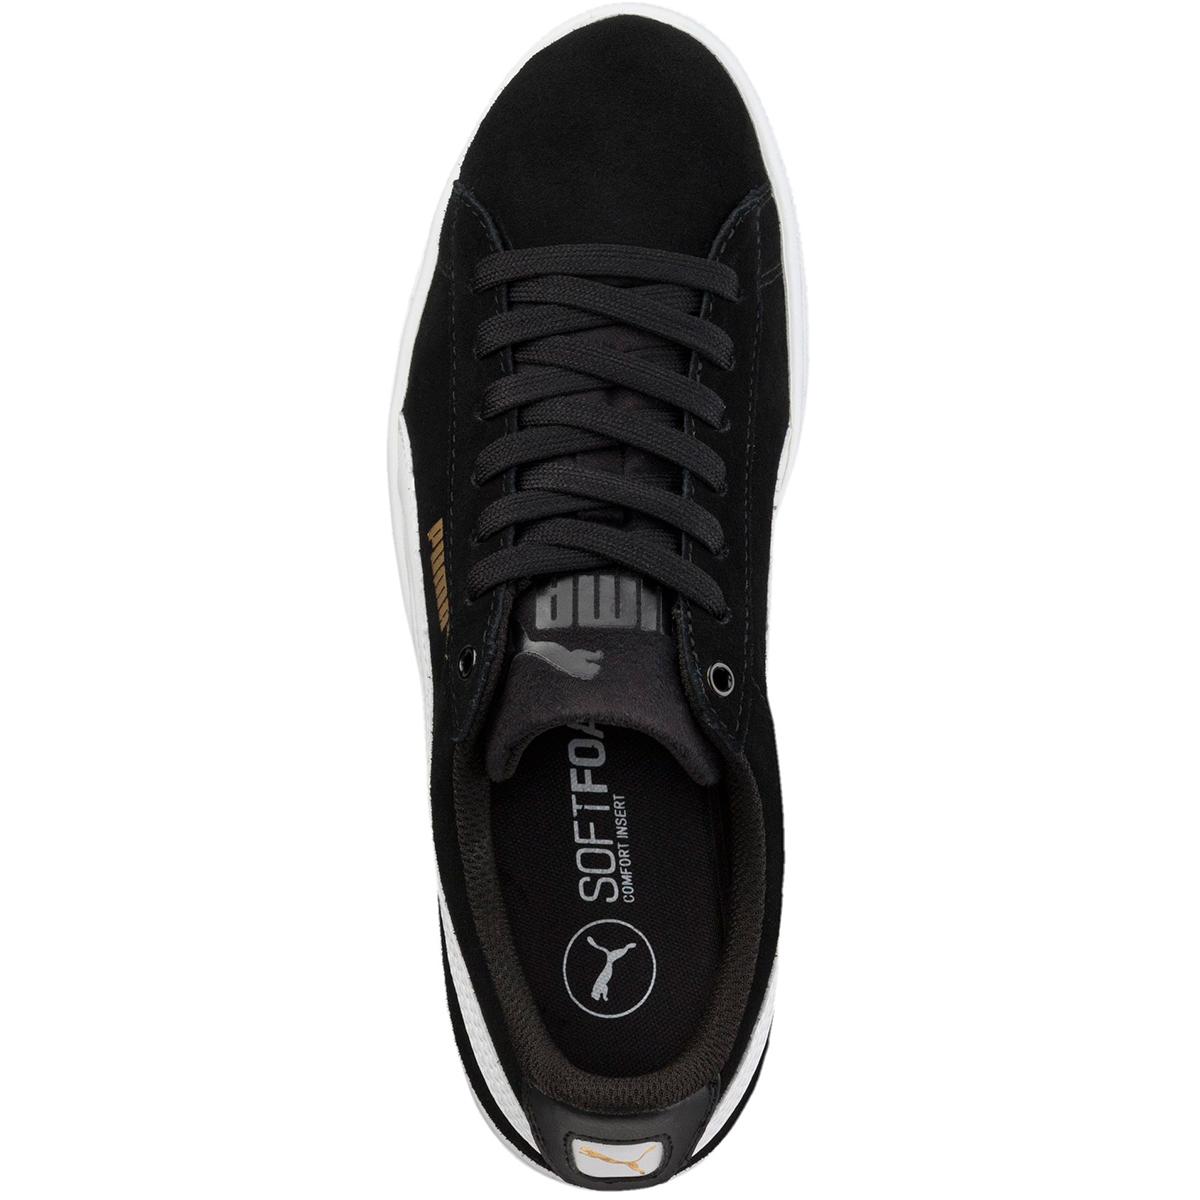 puma shoes soft foam comfort insert buy